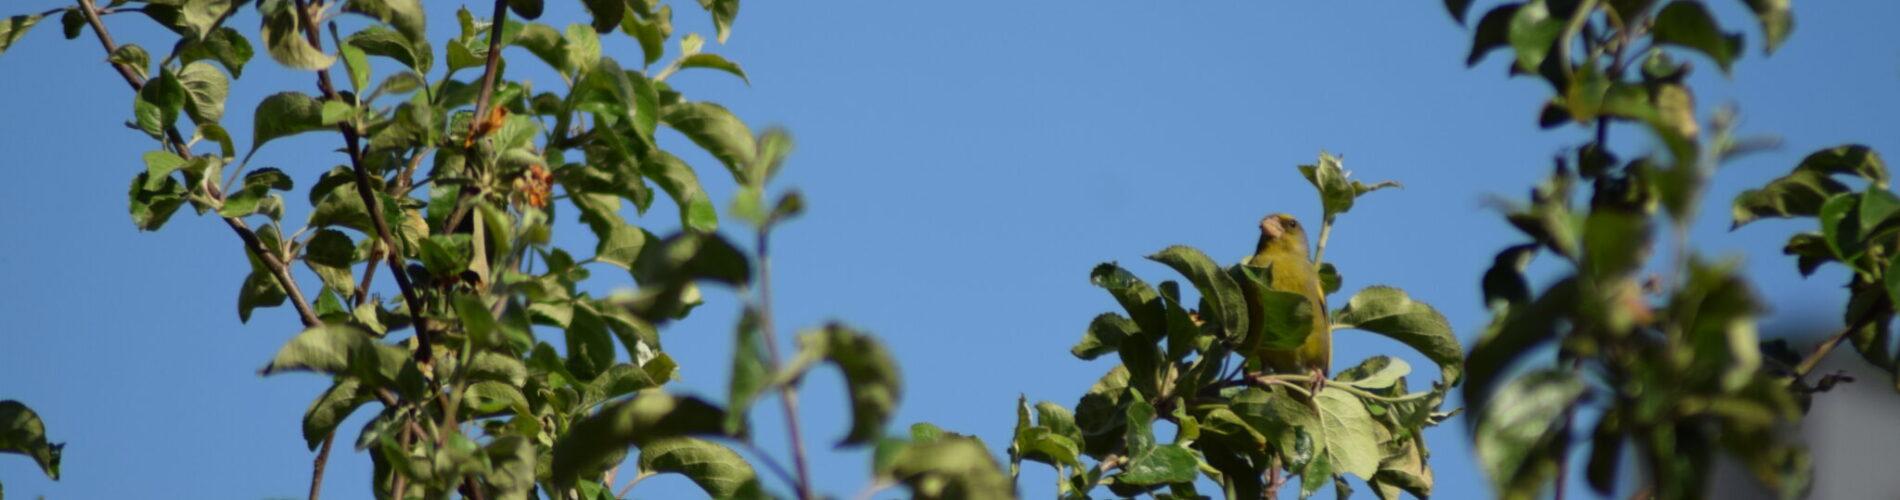 """Grønirisk (Chloris chloris) i æbletræet i min gård. Finkeart og en trækgæst på vej nordpå. Fra """"Fugle i byen og i min byhave""""."""